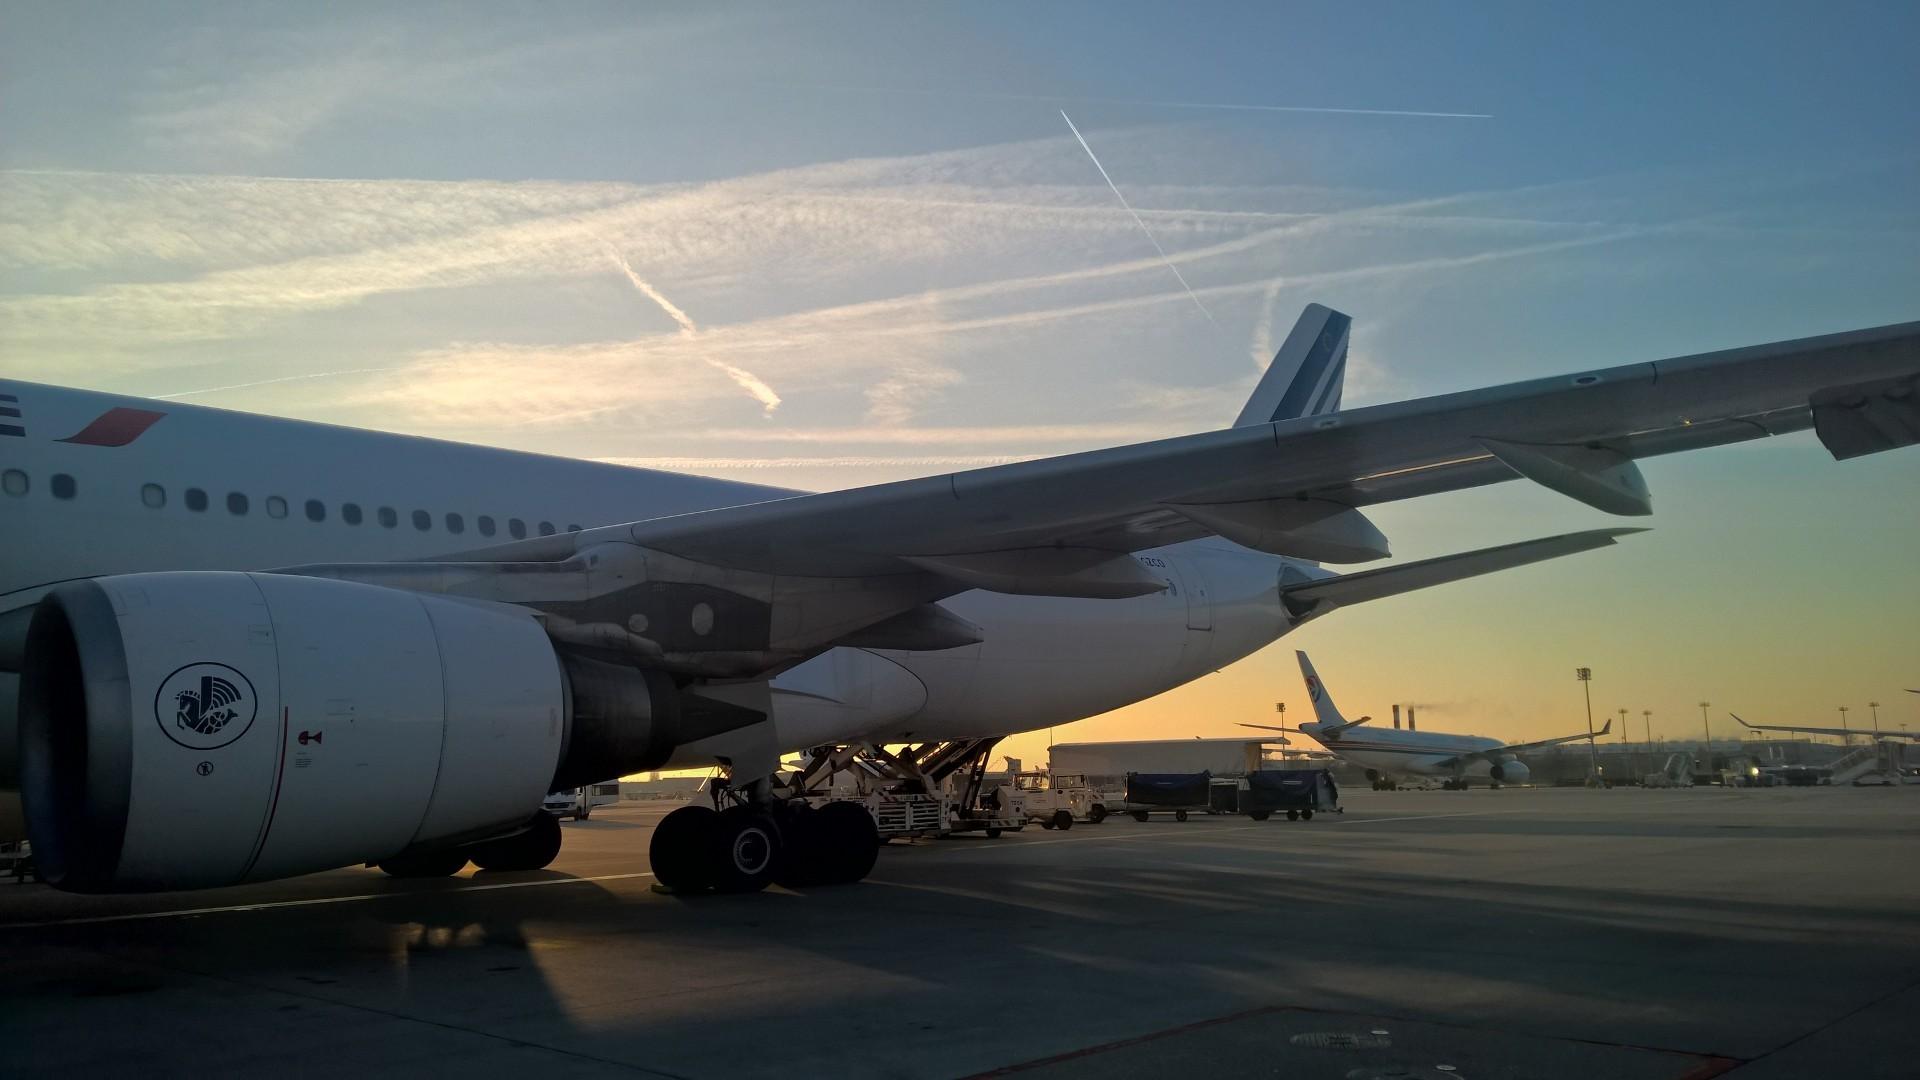 Air France A330-200